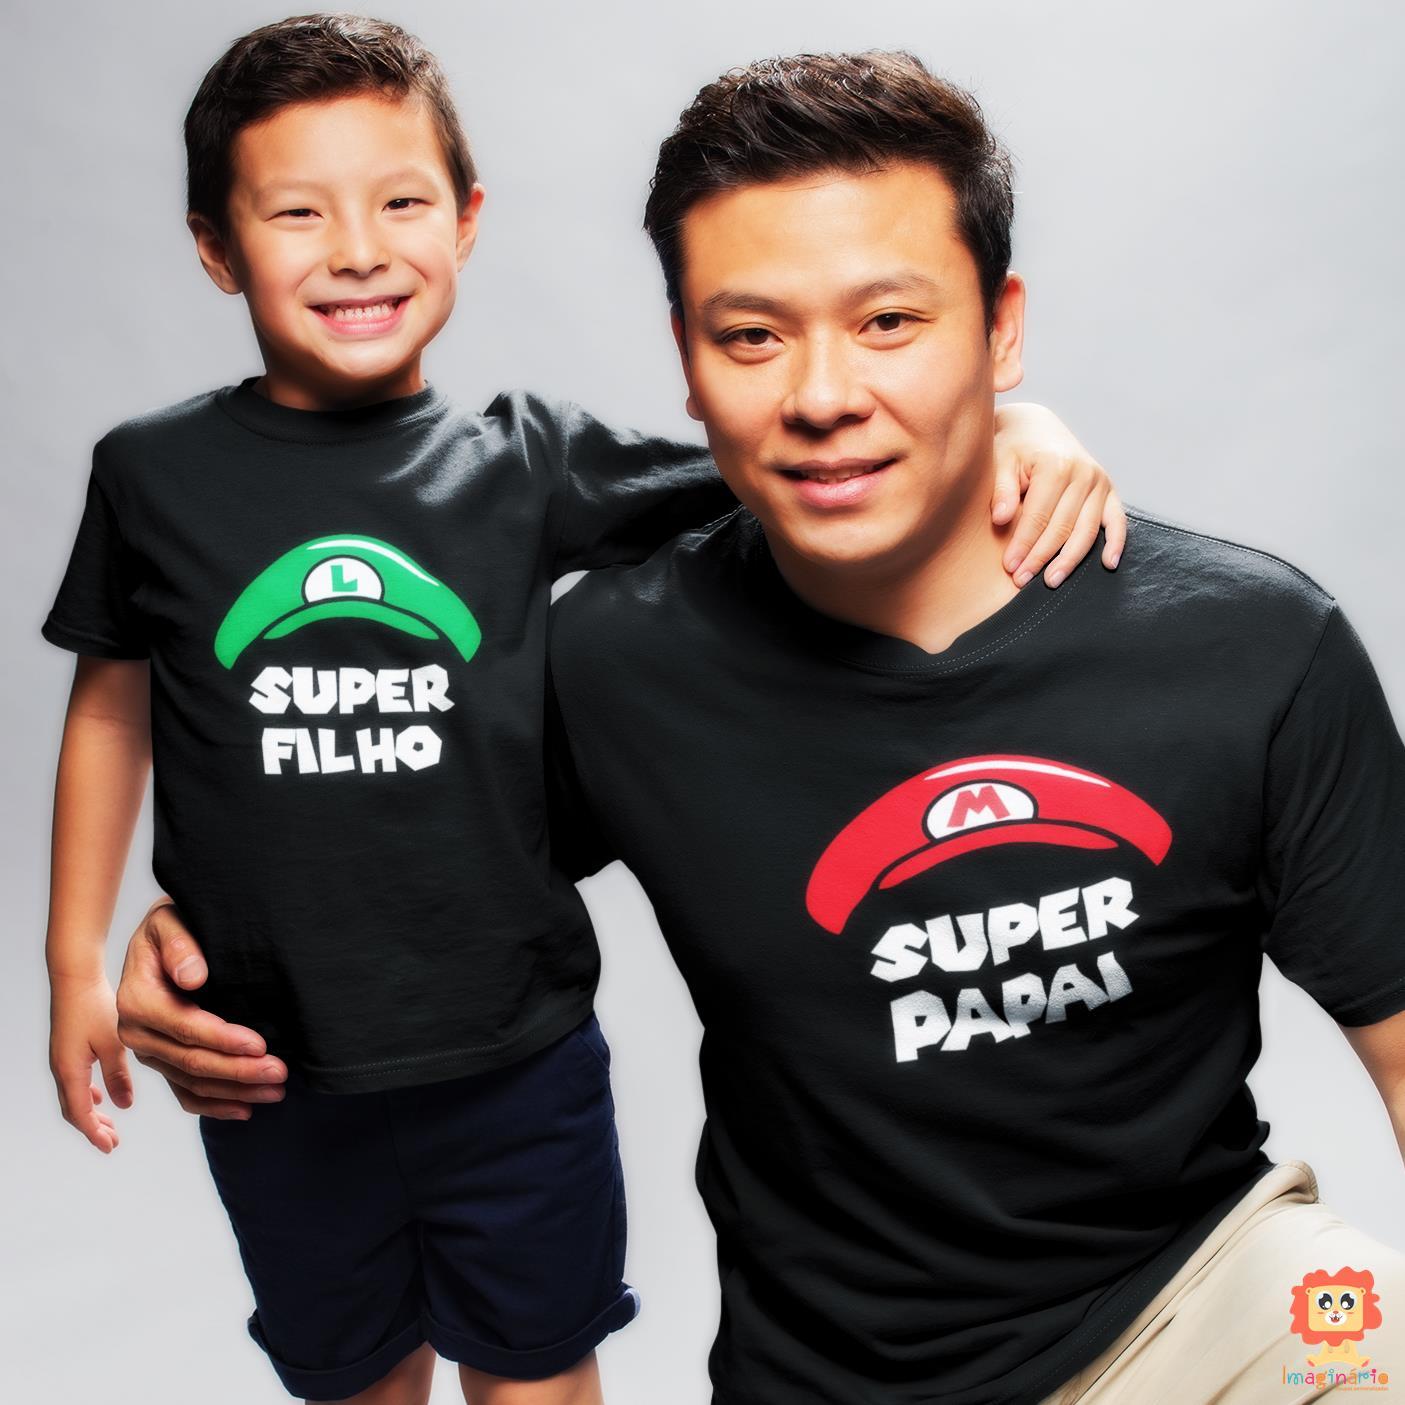 Kit Dia dos Pais Chapéu Super Mario Personalizado com as Iniciais do Nome